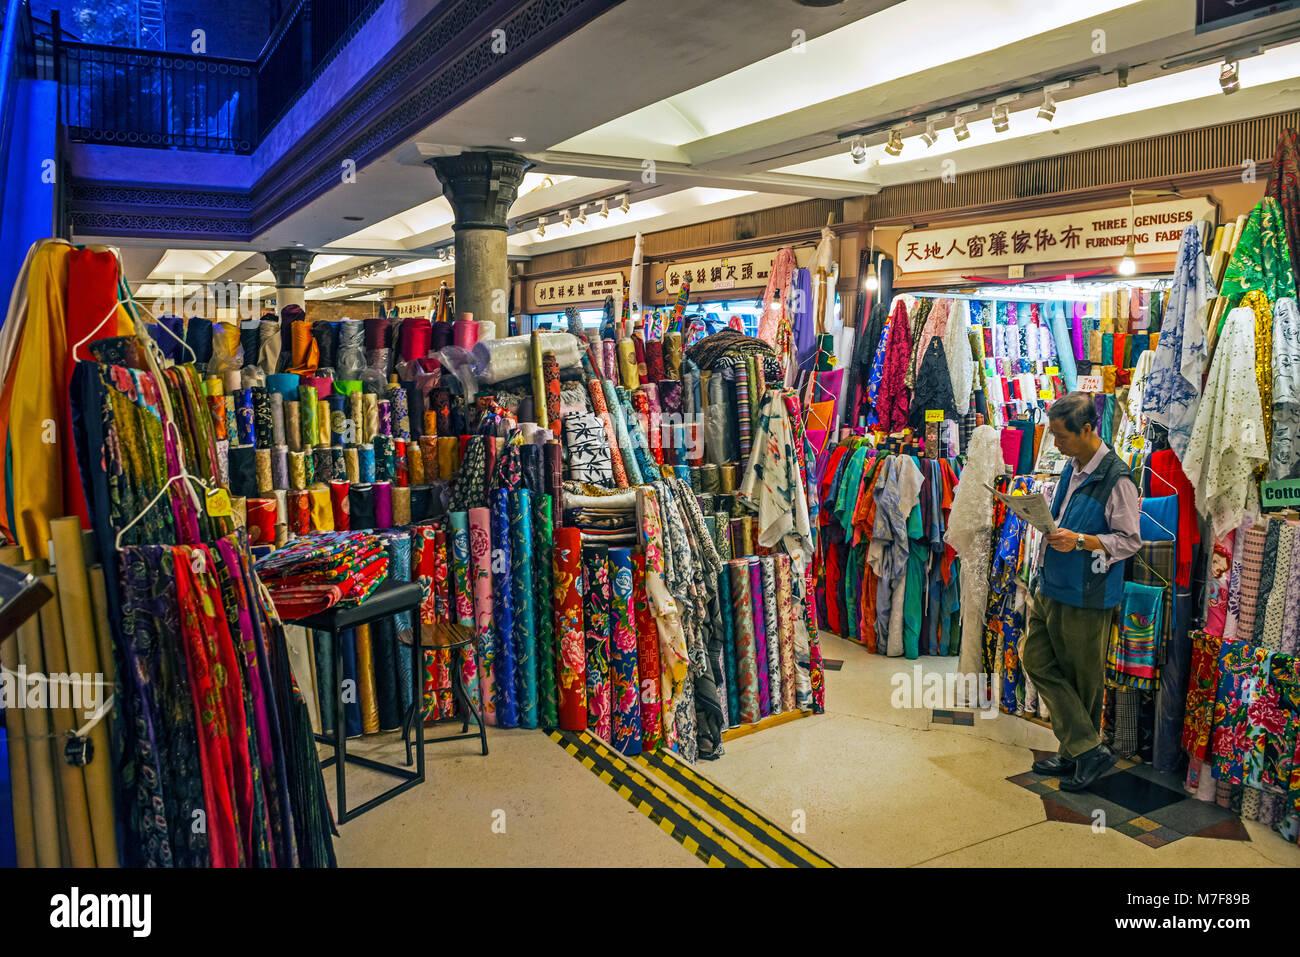 Heimtextilien Shop, westlichen Markt, Hong Kong Stockbild